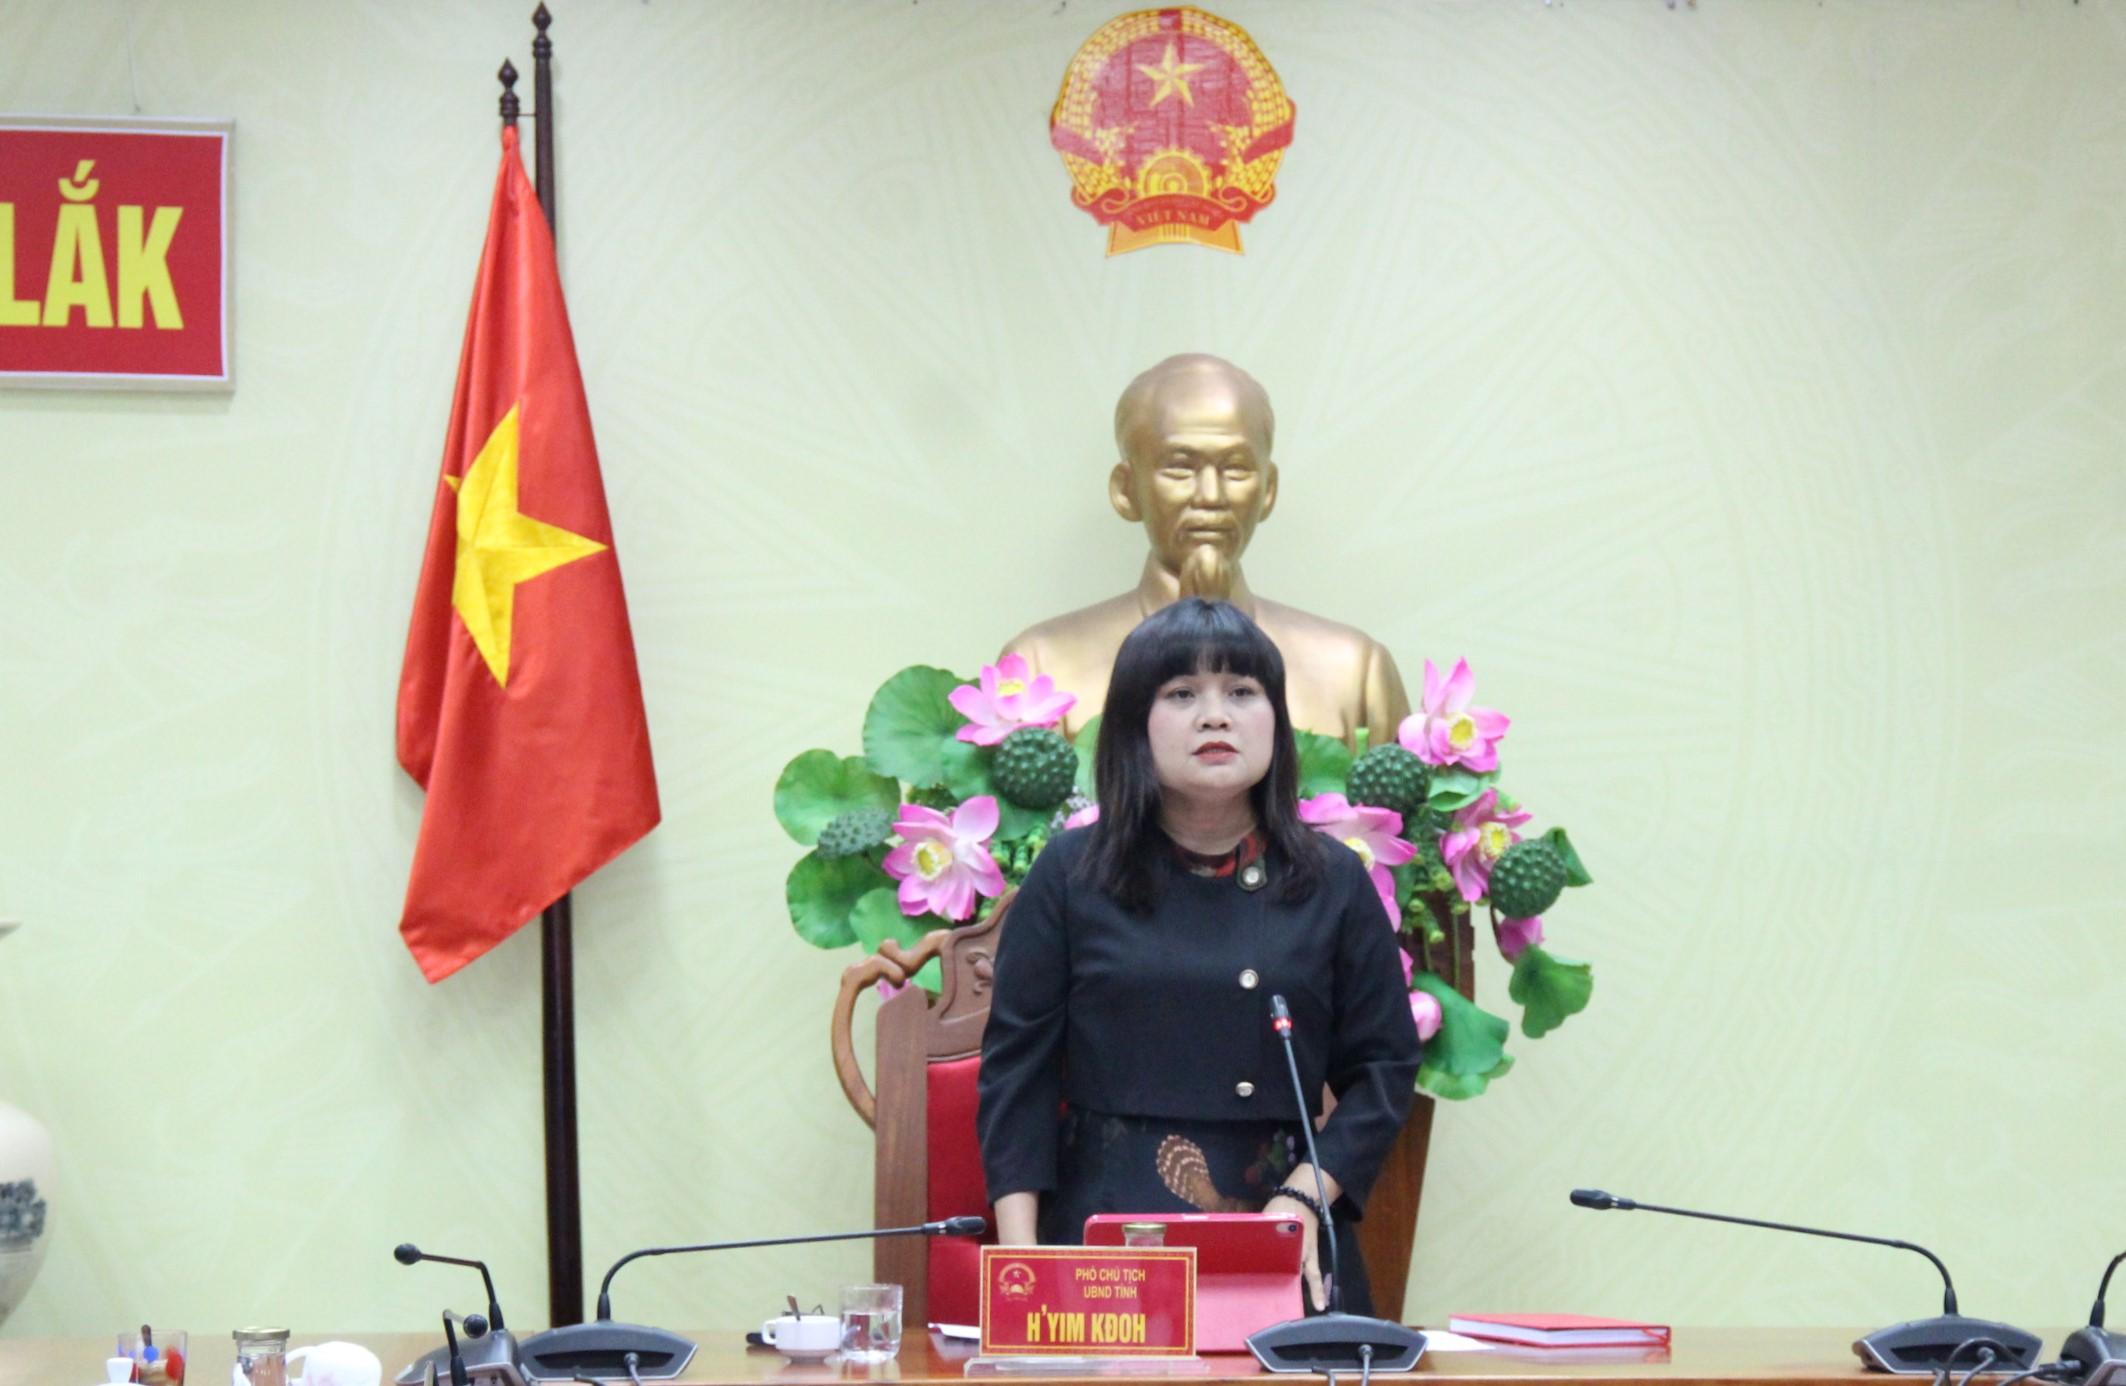 Kết luận của đồng chí H' Yim Kđoh – Phó Chủ tịch UBND tỉnh, Phó Trưởng Ban Thường trực Ban Chỉ đạo phòng, chống dịch COVID-19 tỉnh, Tổ trưởng Tổ công tác đảm bảo Y tế